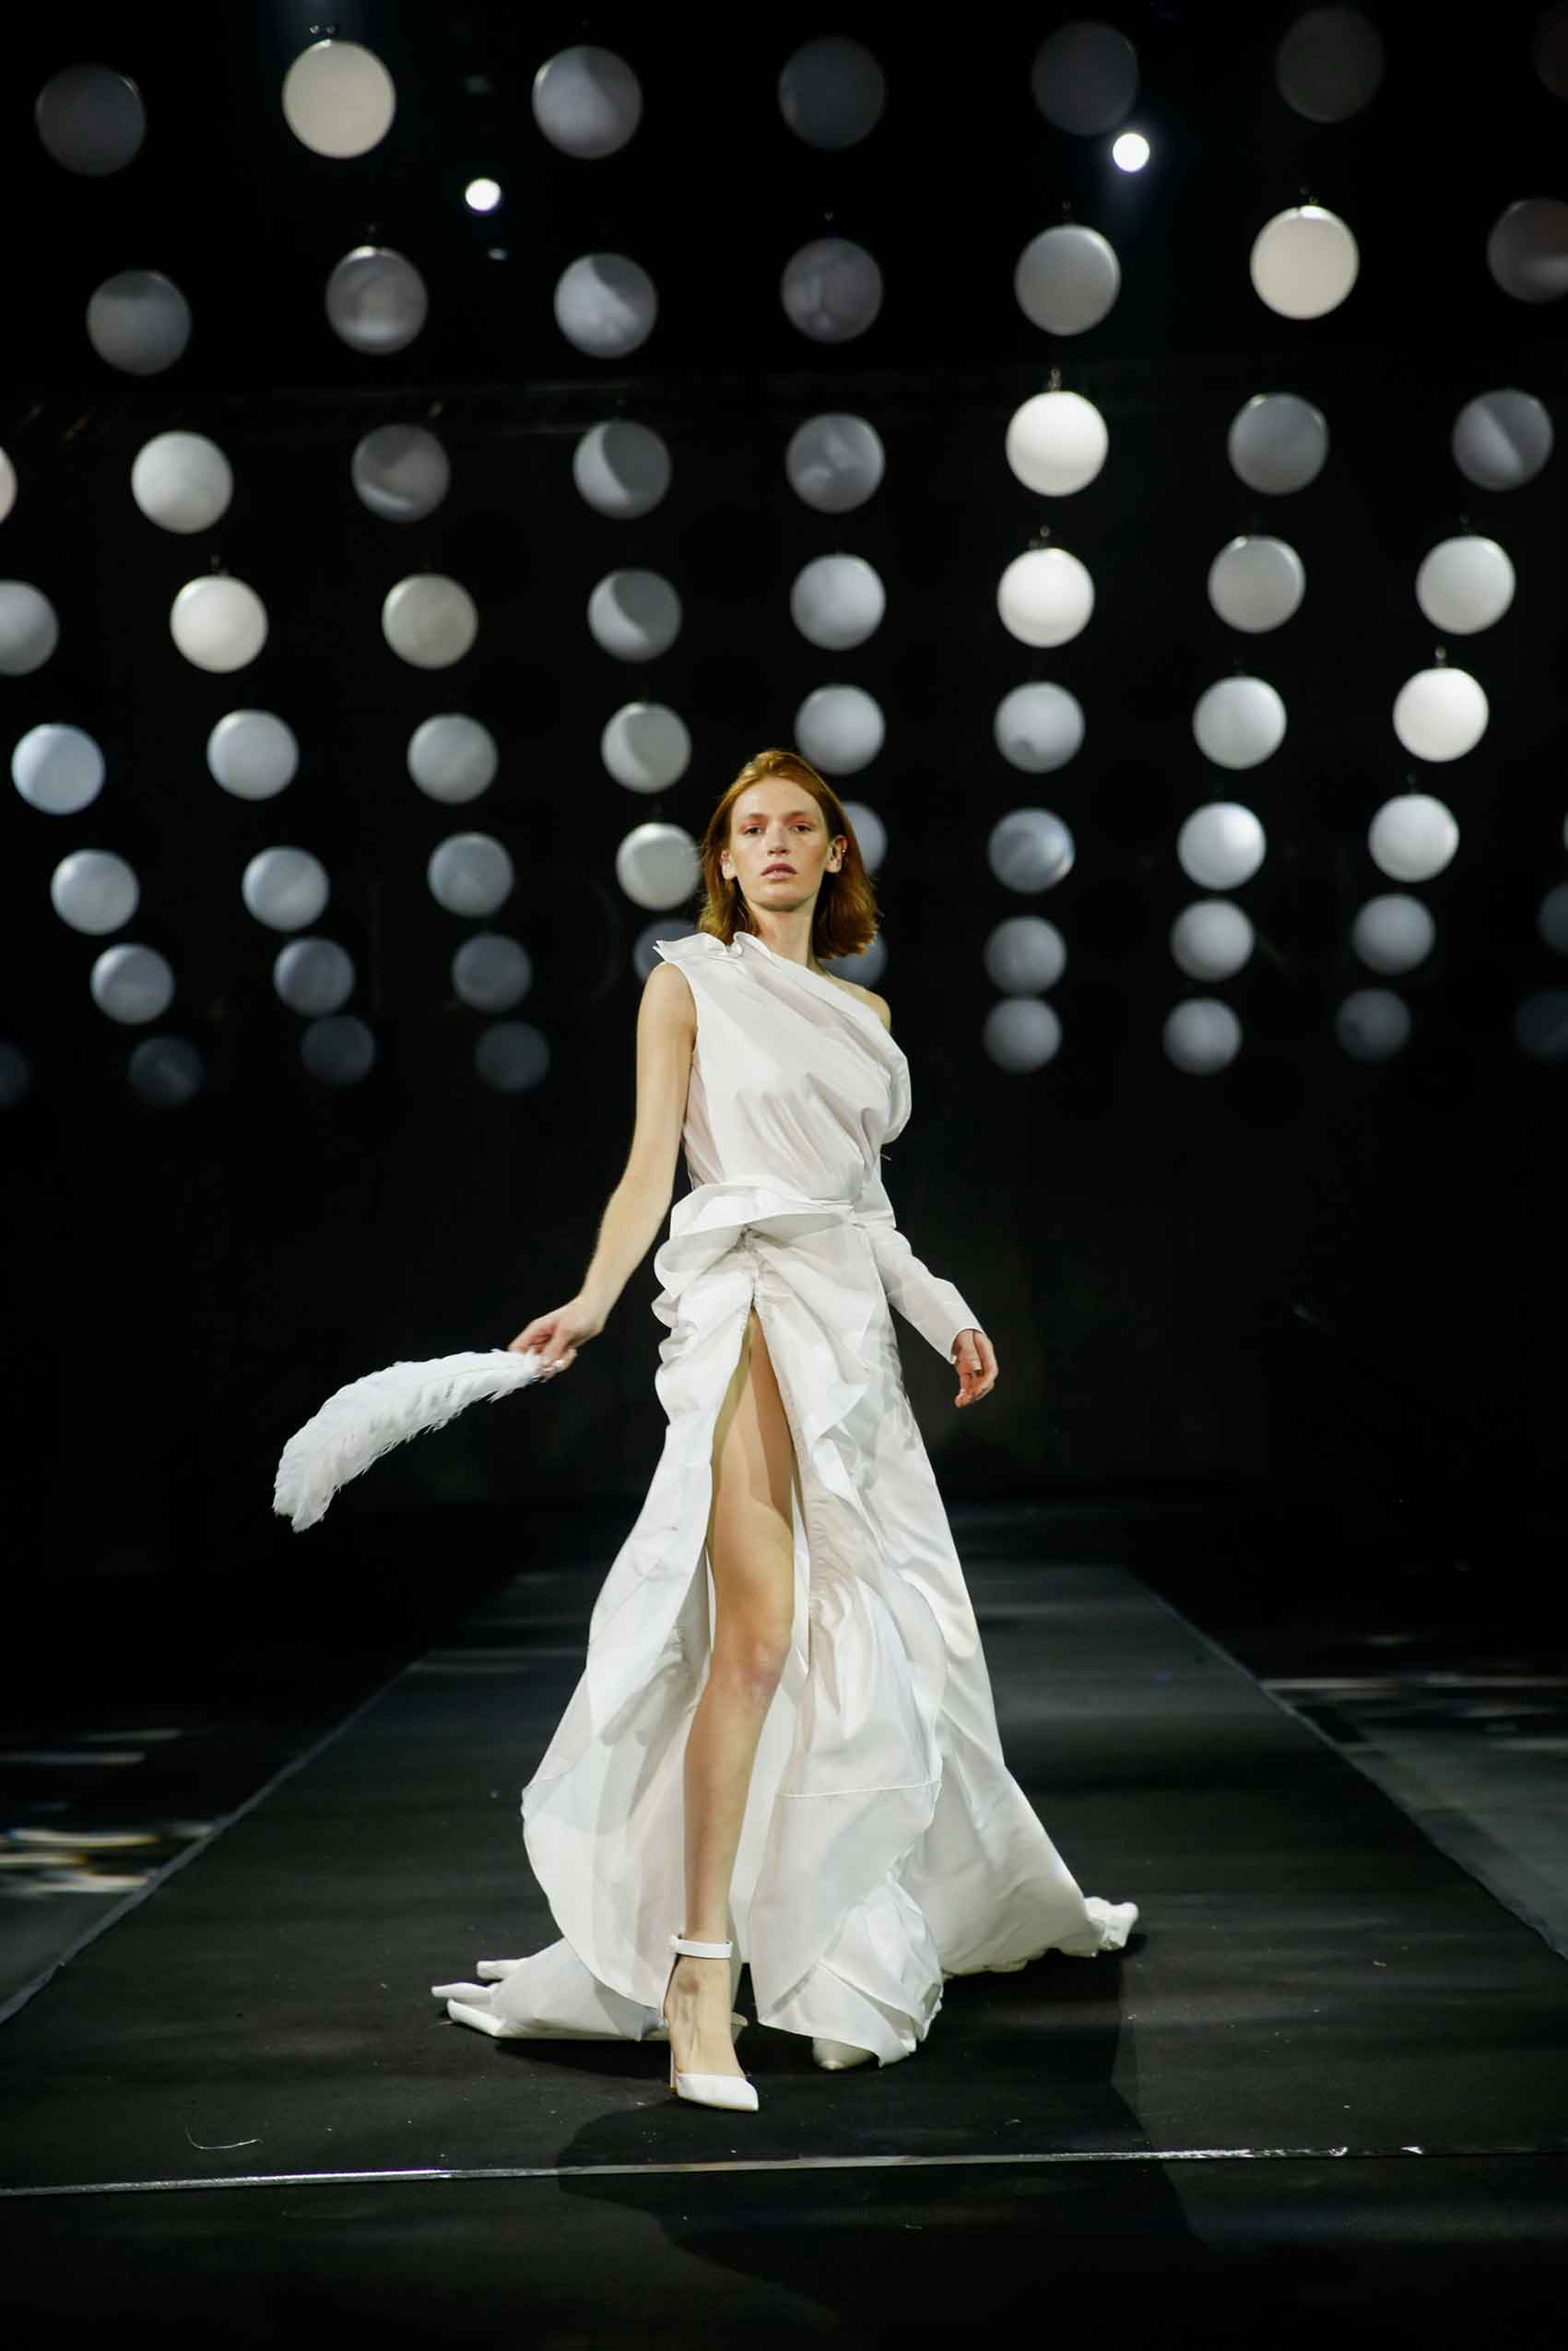 אלון ליבנה. קולקציית שמלות כלה 2020-אופנה נשים - 6  Trends, סטייל, כתבות אופנה, טרנדים, אופנת נשים, Style,, אופנה ישראלית